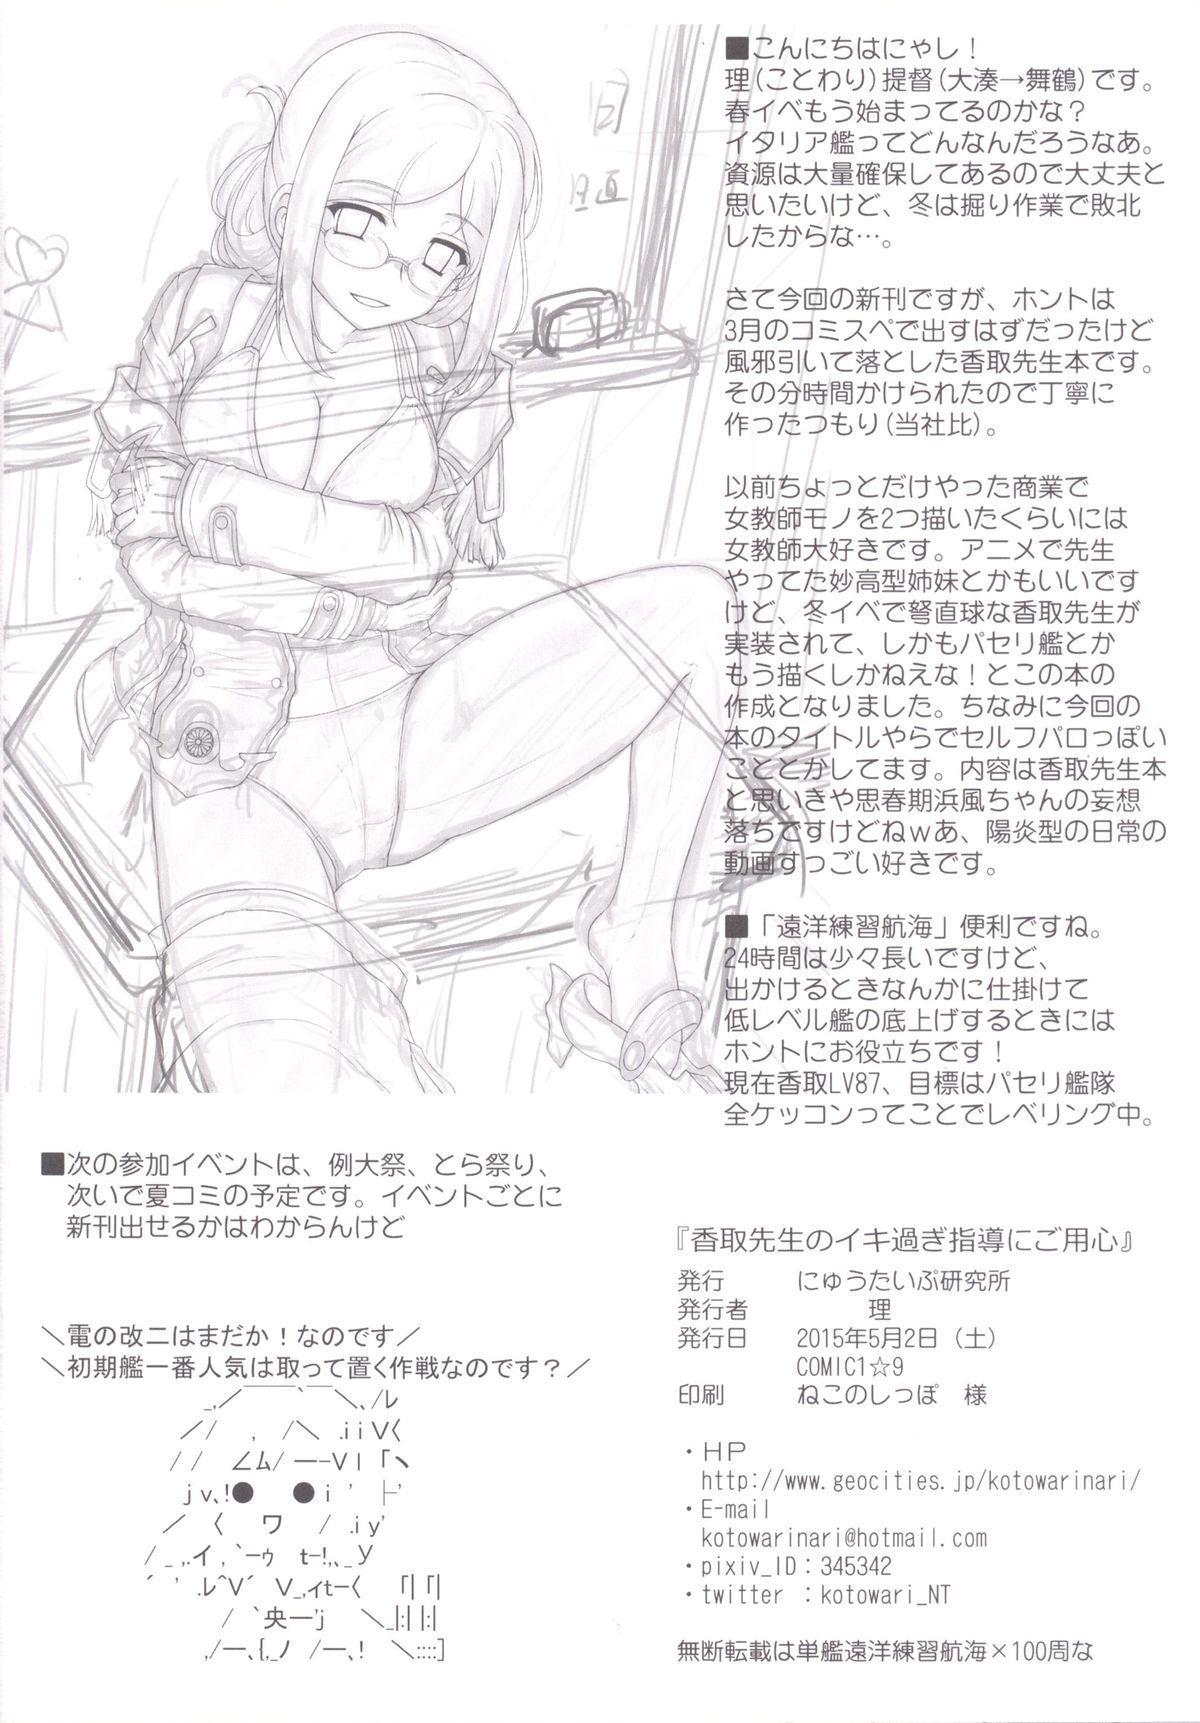 Katori-sensei no Ikisugi Shidou ni Goyoujin 16